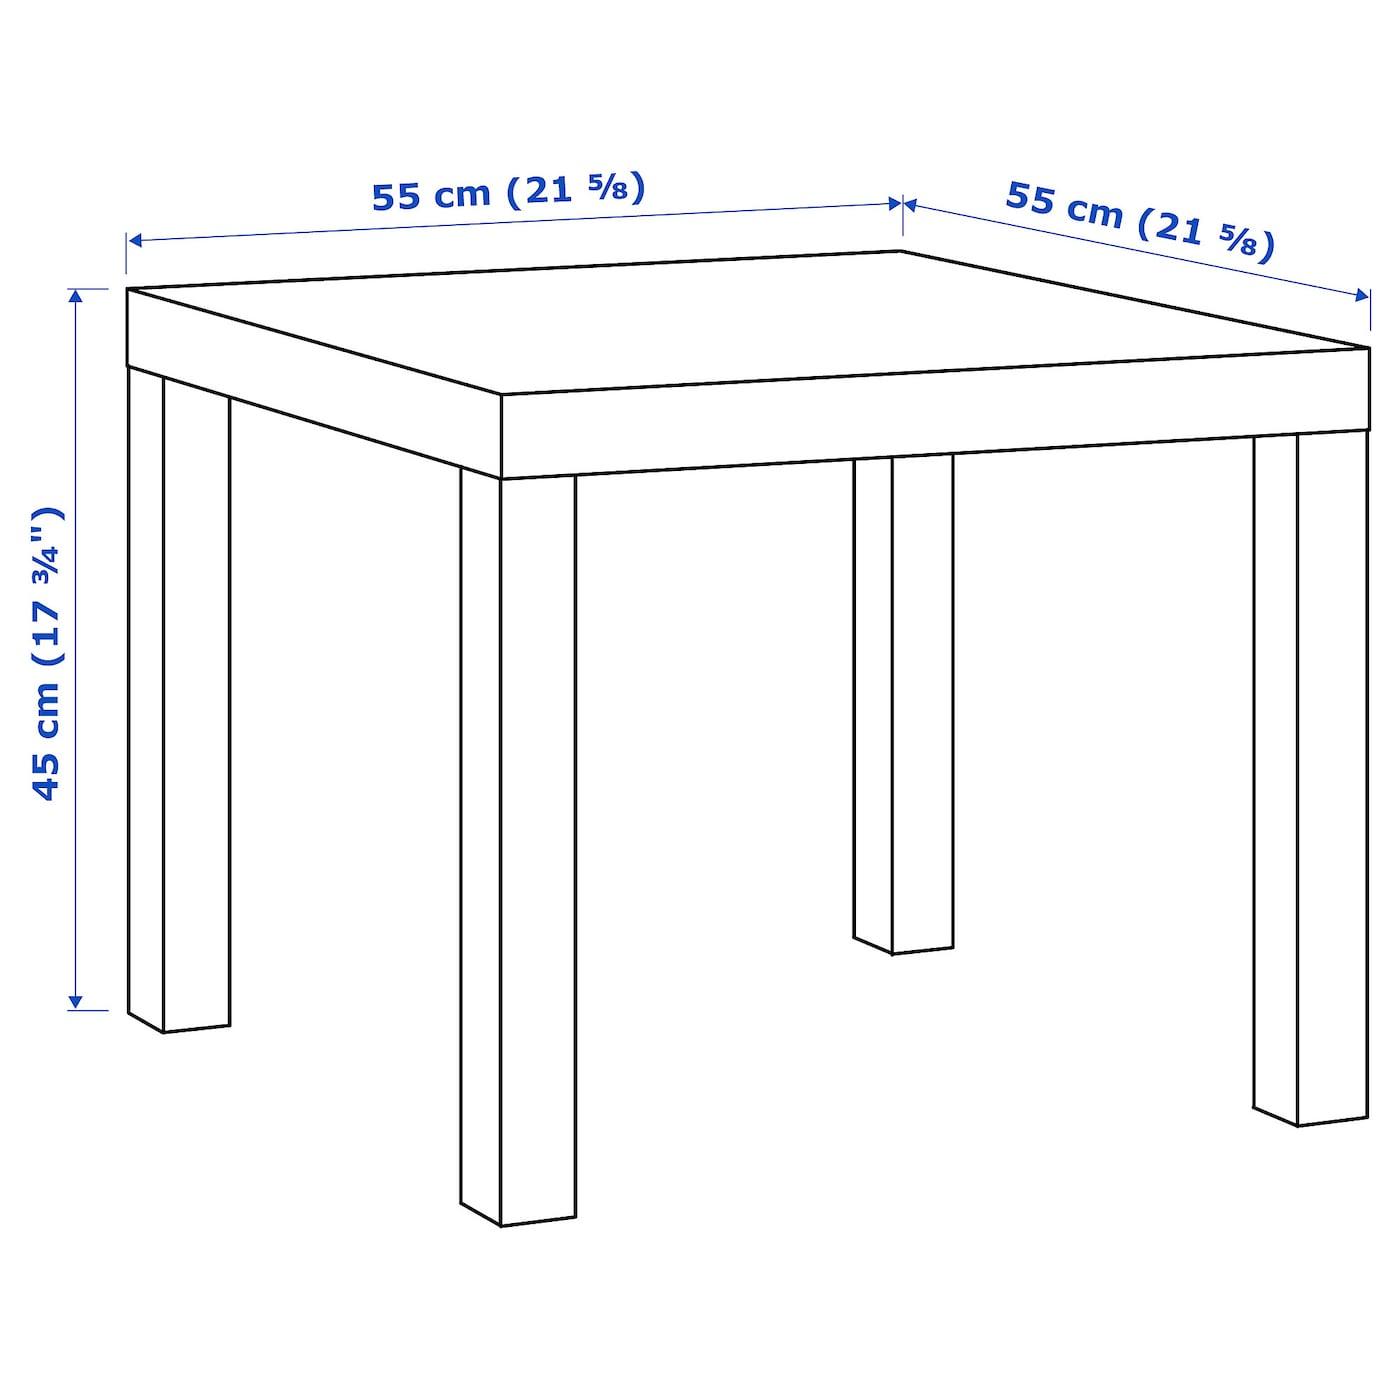 LACK Beistelltisch Hochglanz weiß 55x55 cm